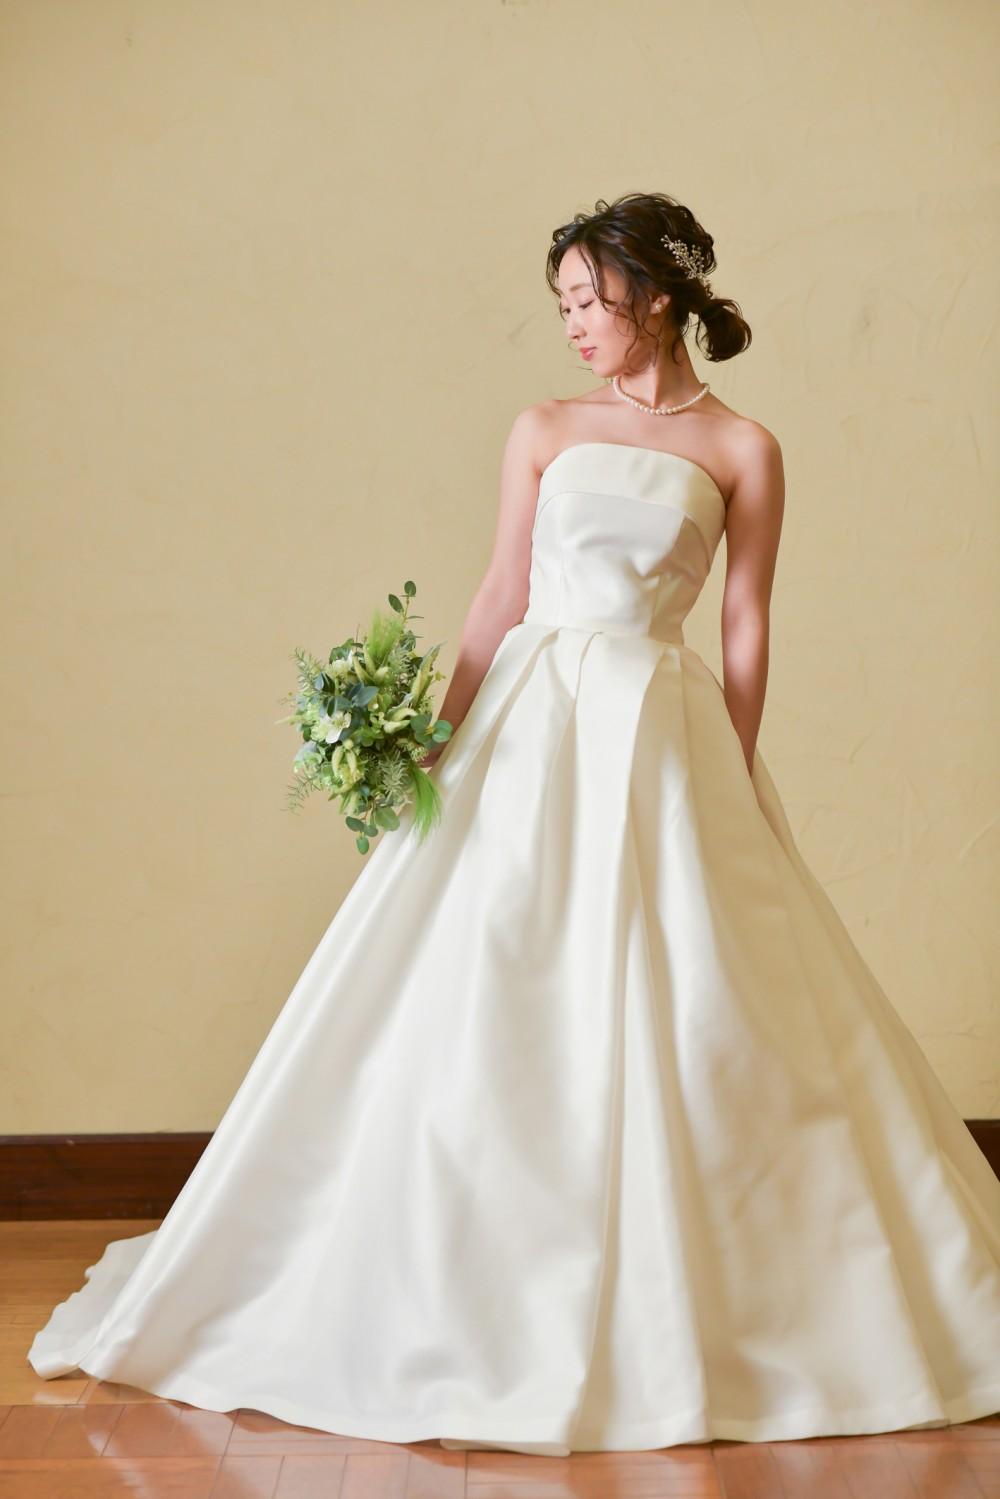 あこがれの花嫁衣裳で写真を撮りませんか? 【ソロウェディング相談フェア】